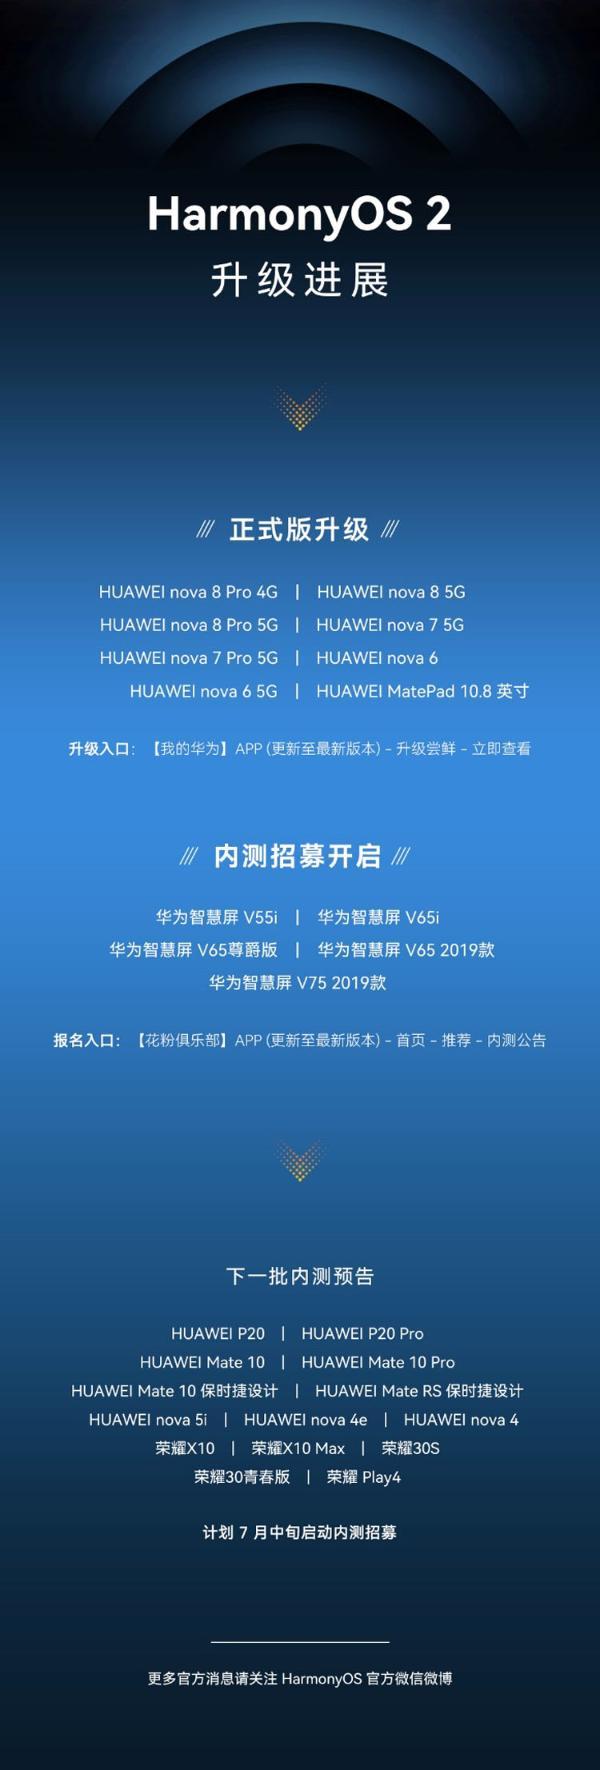 比想象更快!HarmonyOS 2第二批正式版升级来袭,nova8系列等8款机型可申请